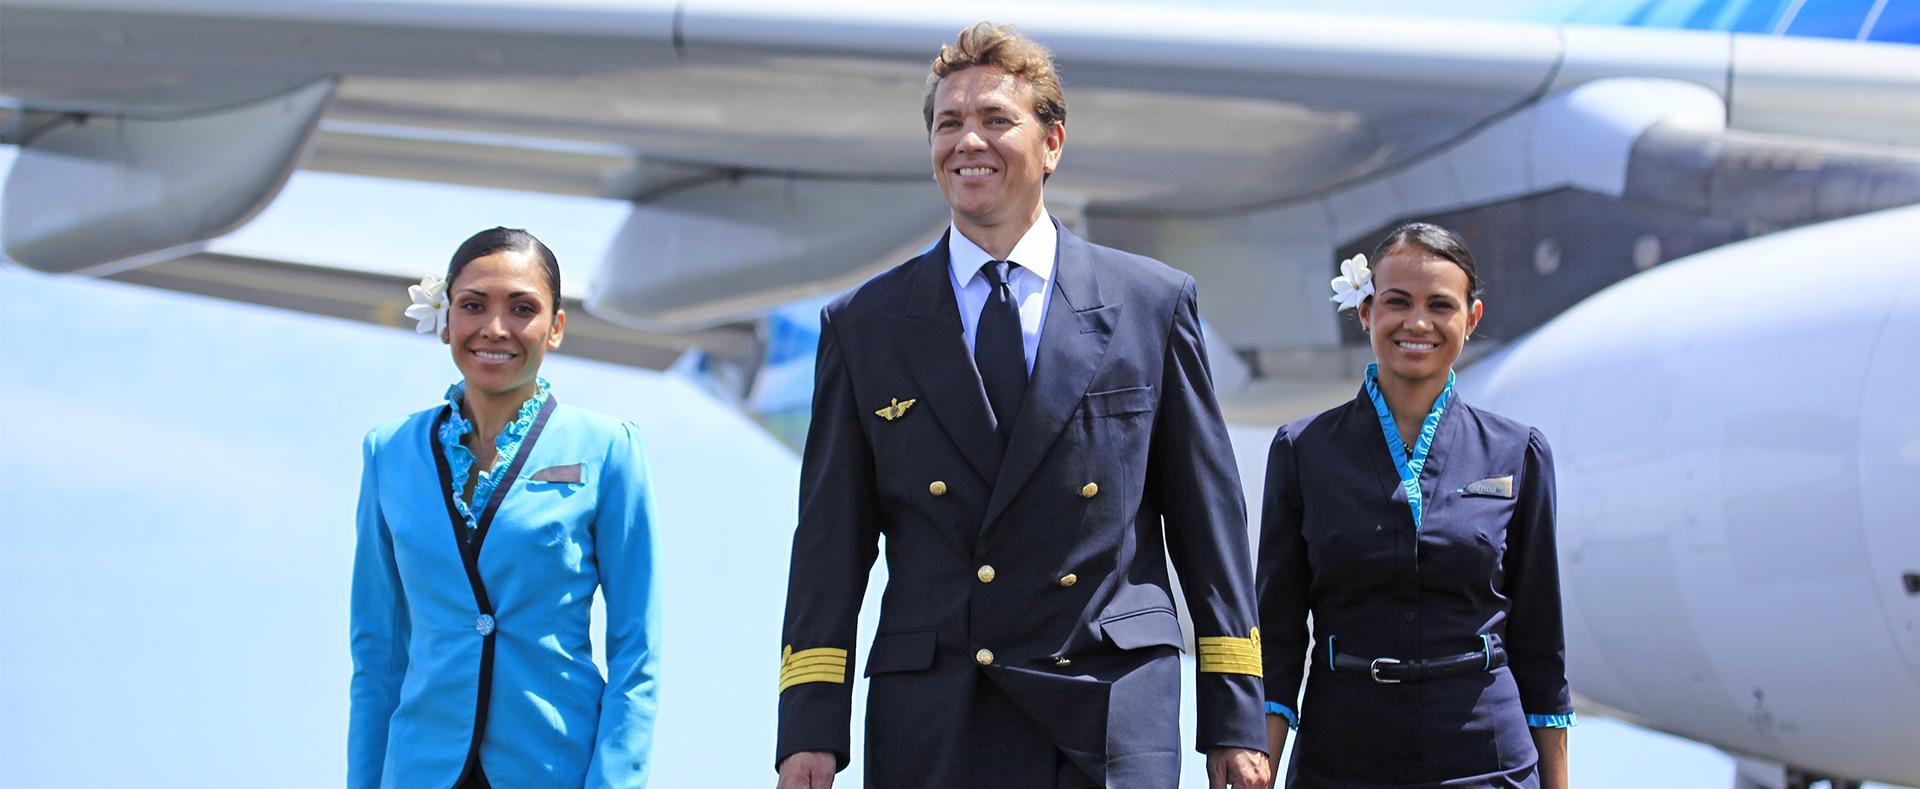 Photographie du personnel d'une compagnie aérienne pour le secteur du transport.